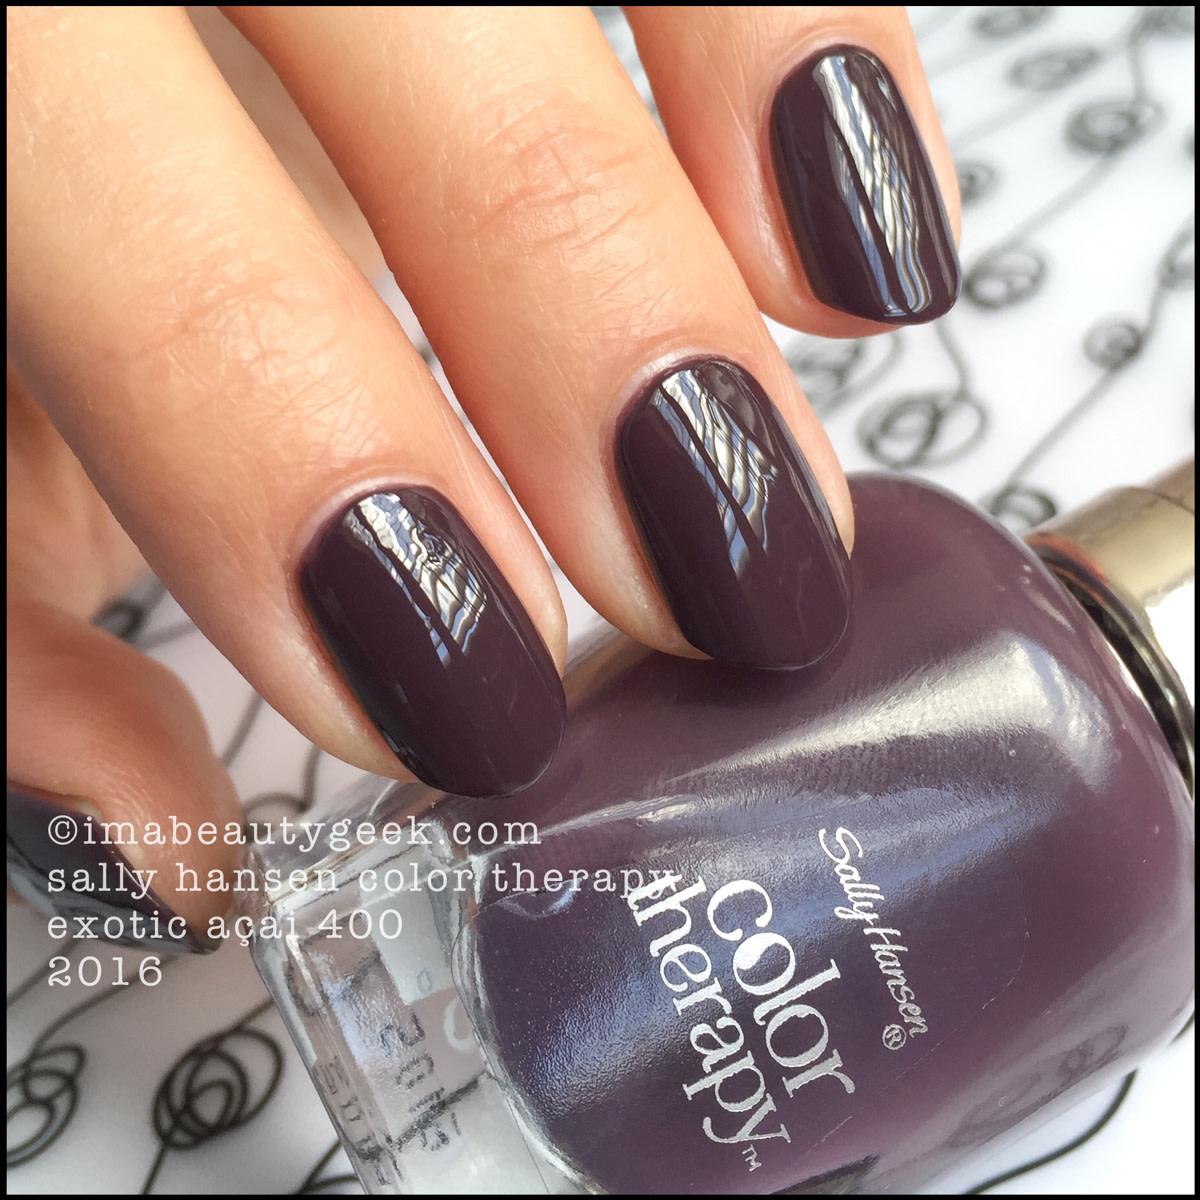 Sally Hansen Color Therapy Exotic Acai 400_Sally Hansen Color Therapy Swatches Review